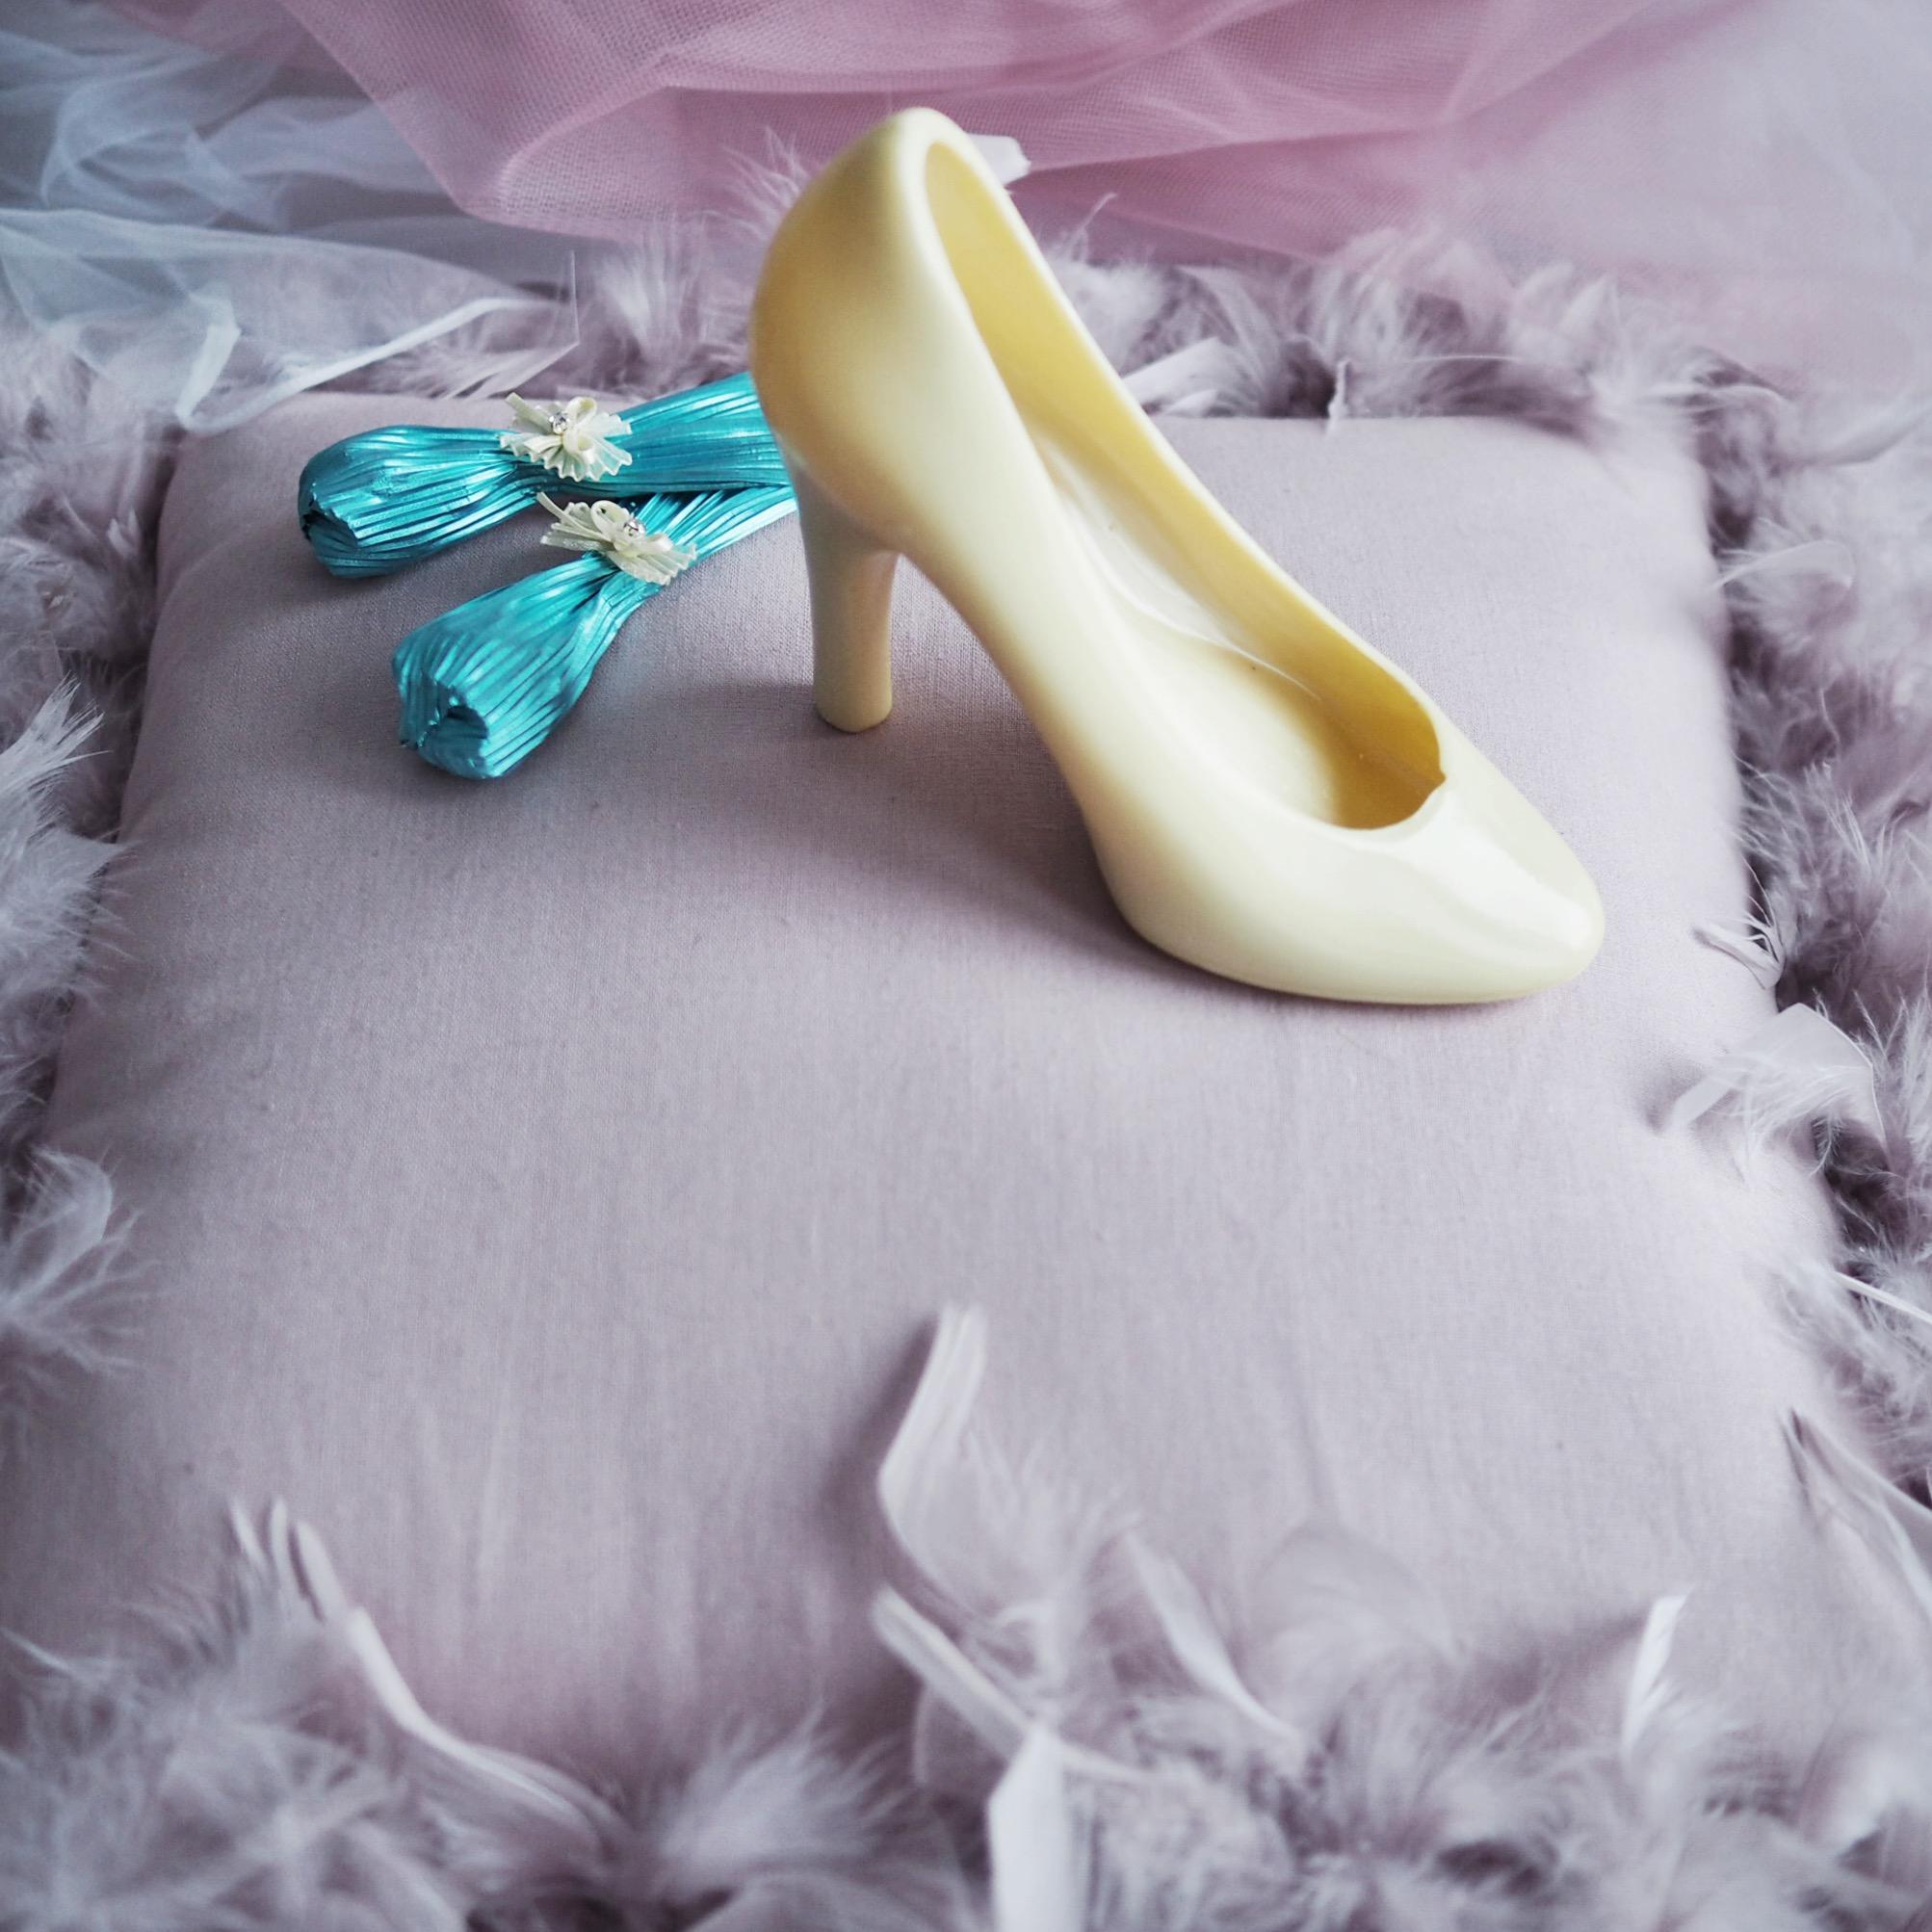 Любой девушке иногда так хочется почувствовать себя героиней сказки «Золушка» (бал, принц, туфелька